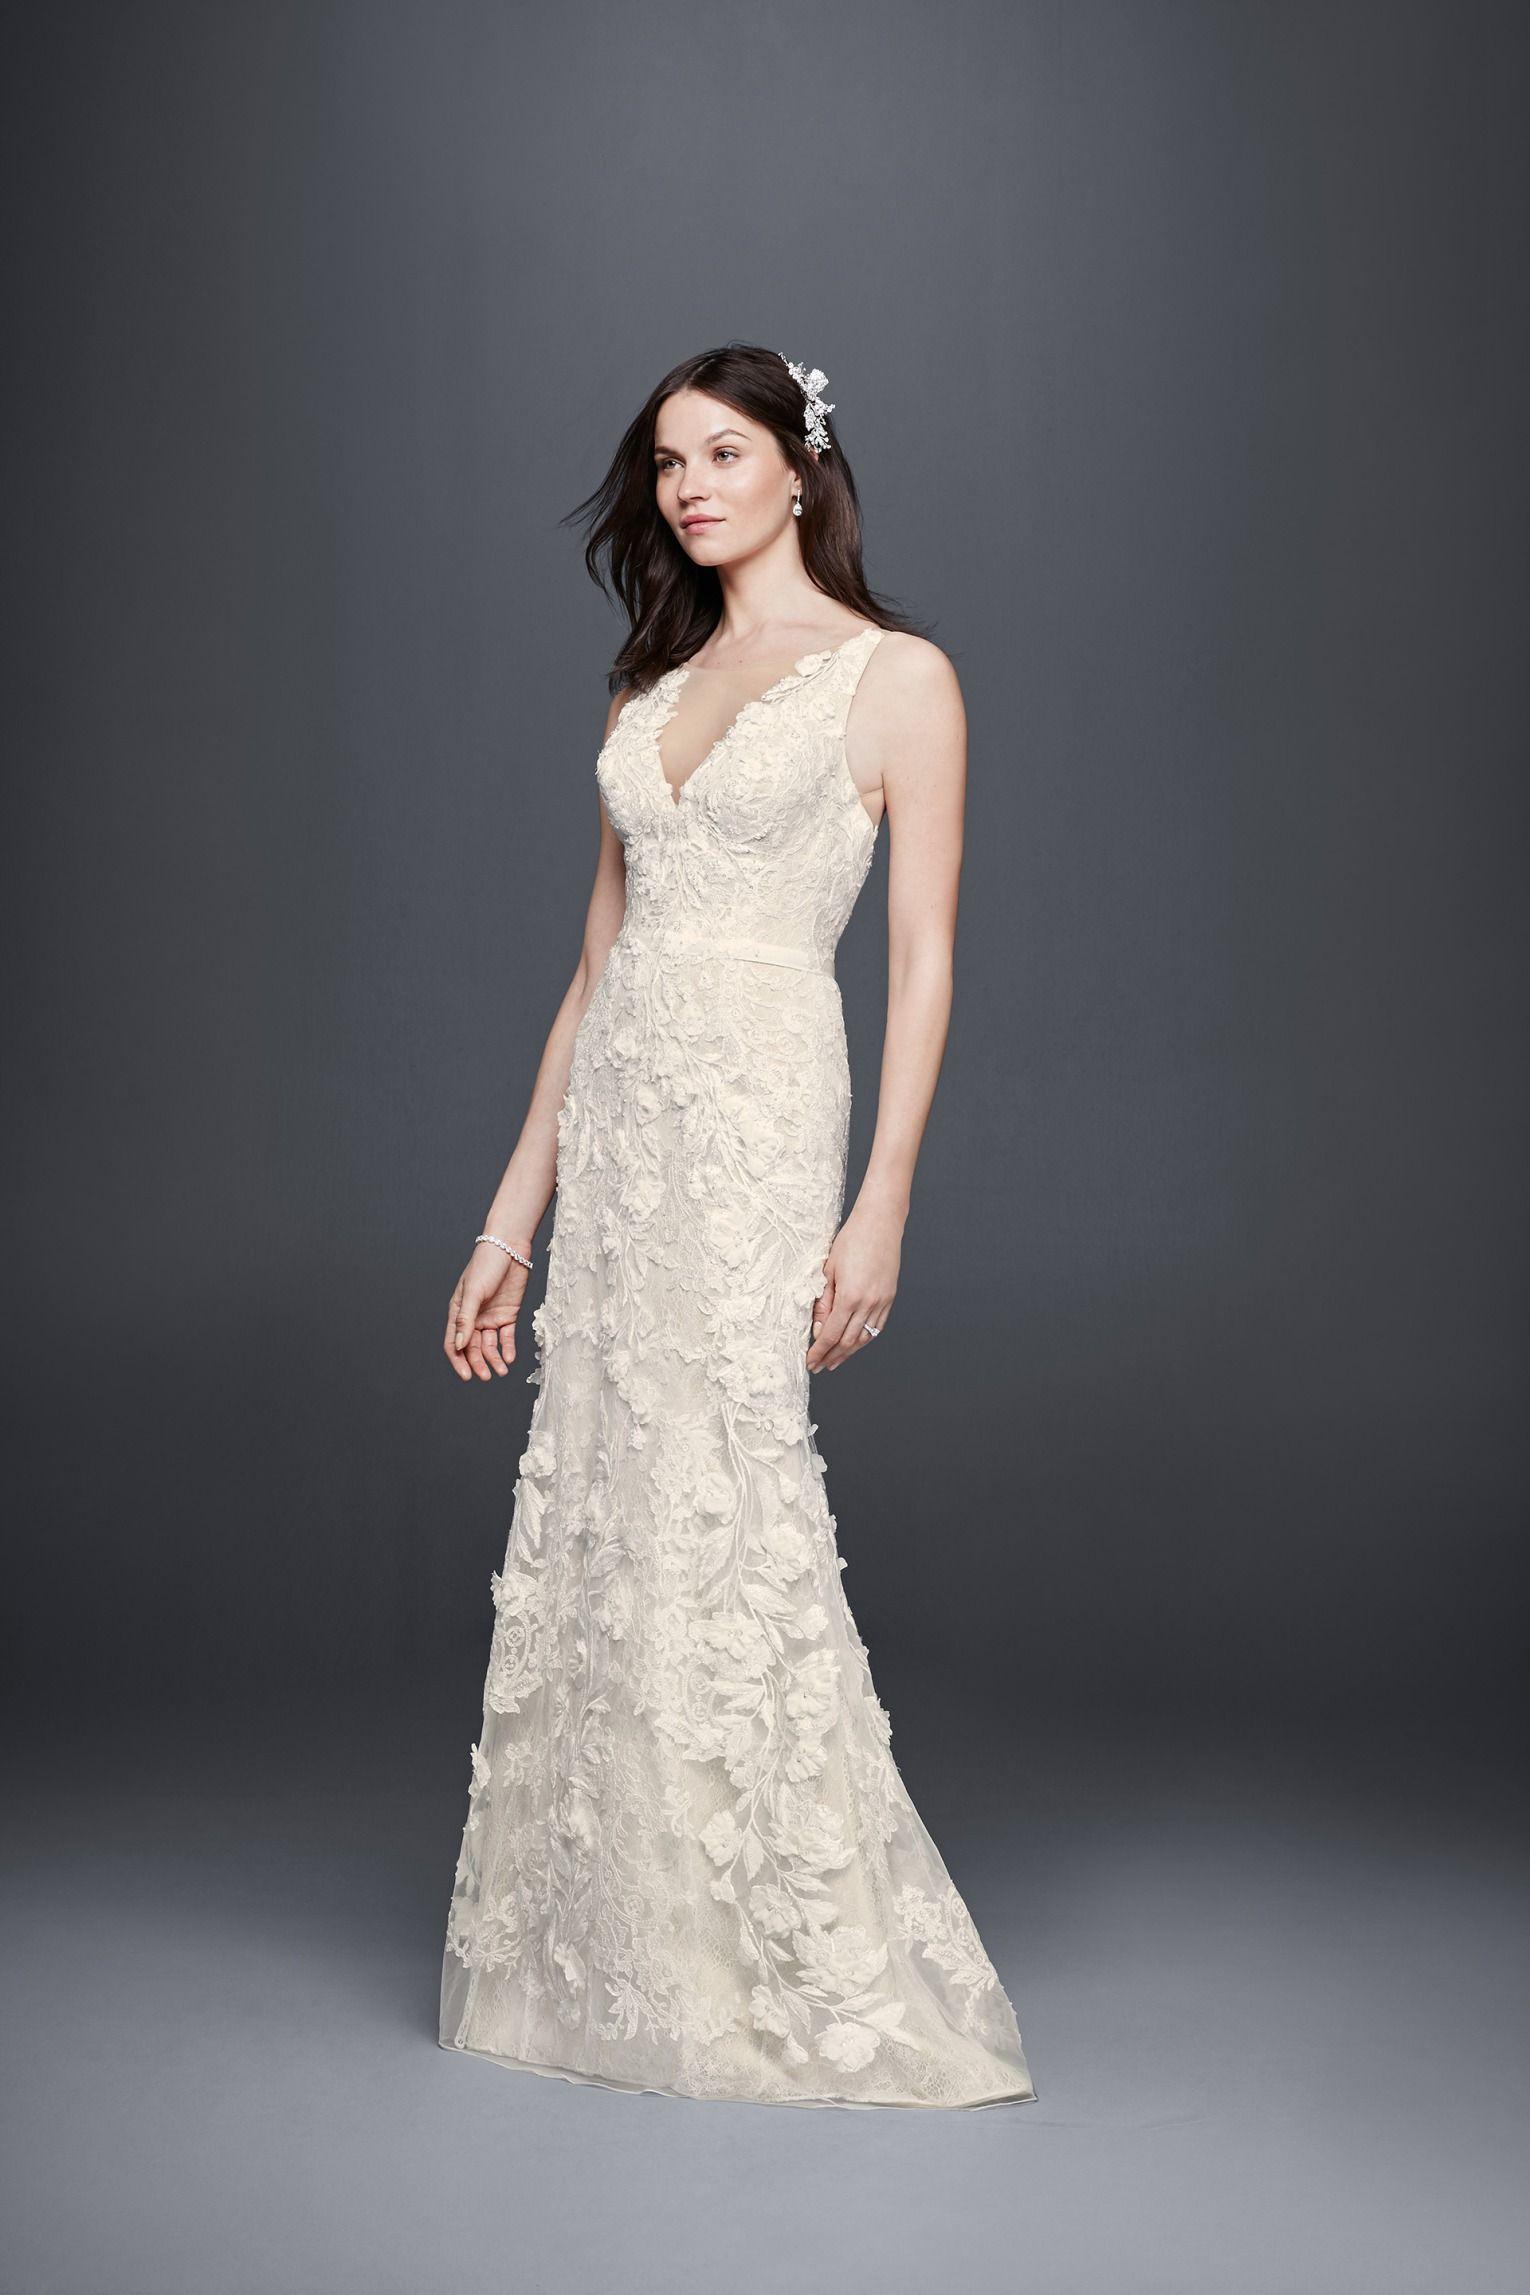 Priscilla of boston wedding dress  Priscilla of Boston Tank Sheath Wedding Dress with D Flowers